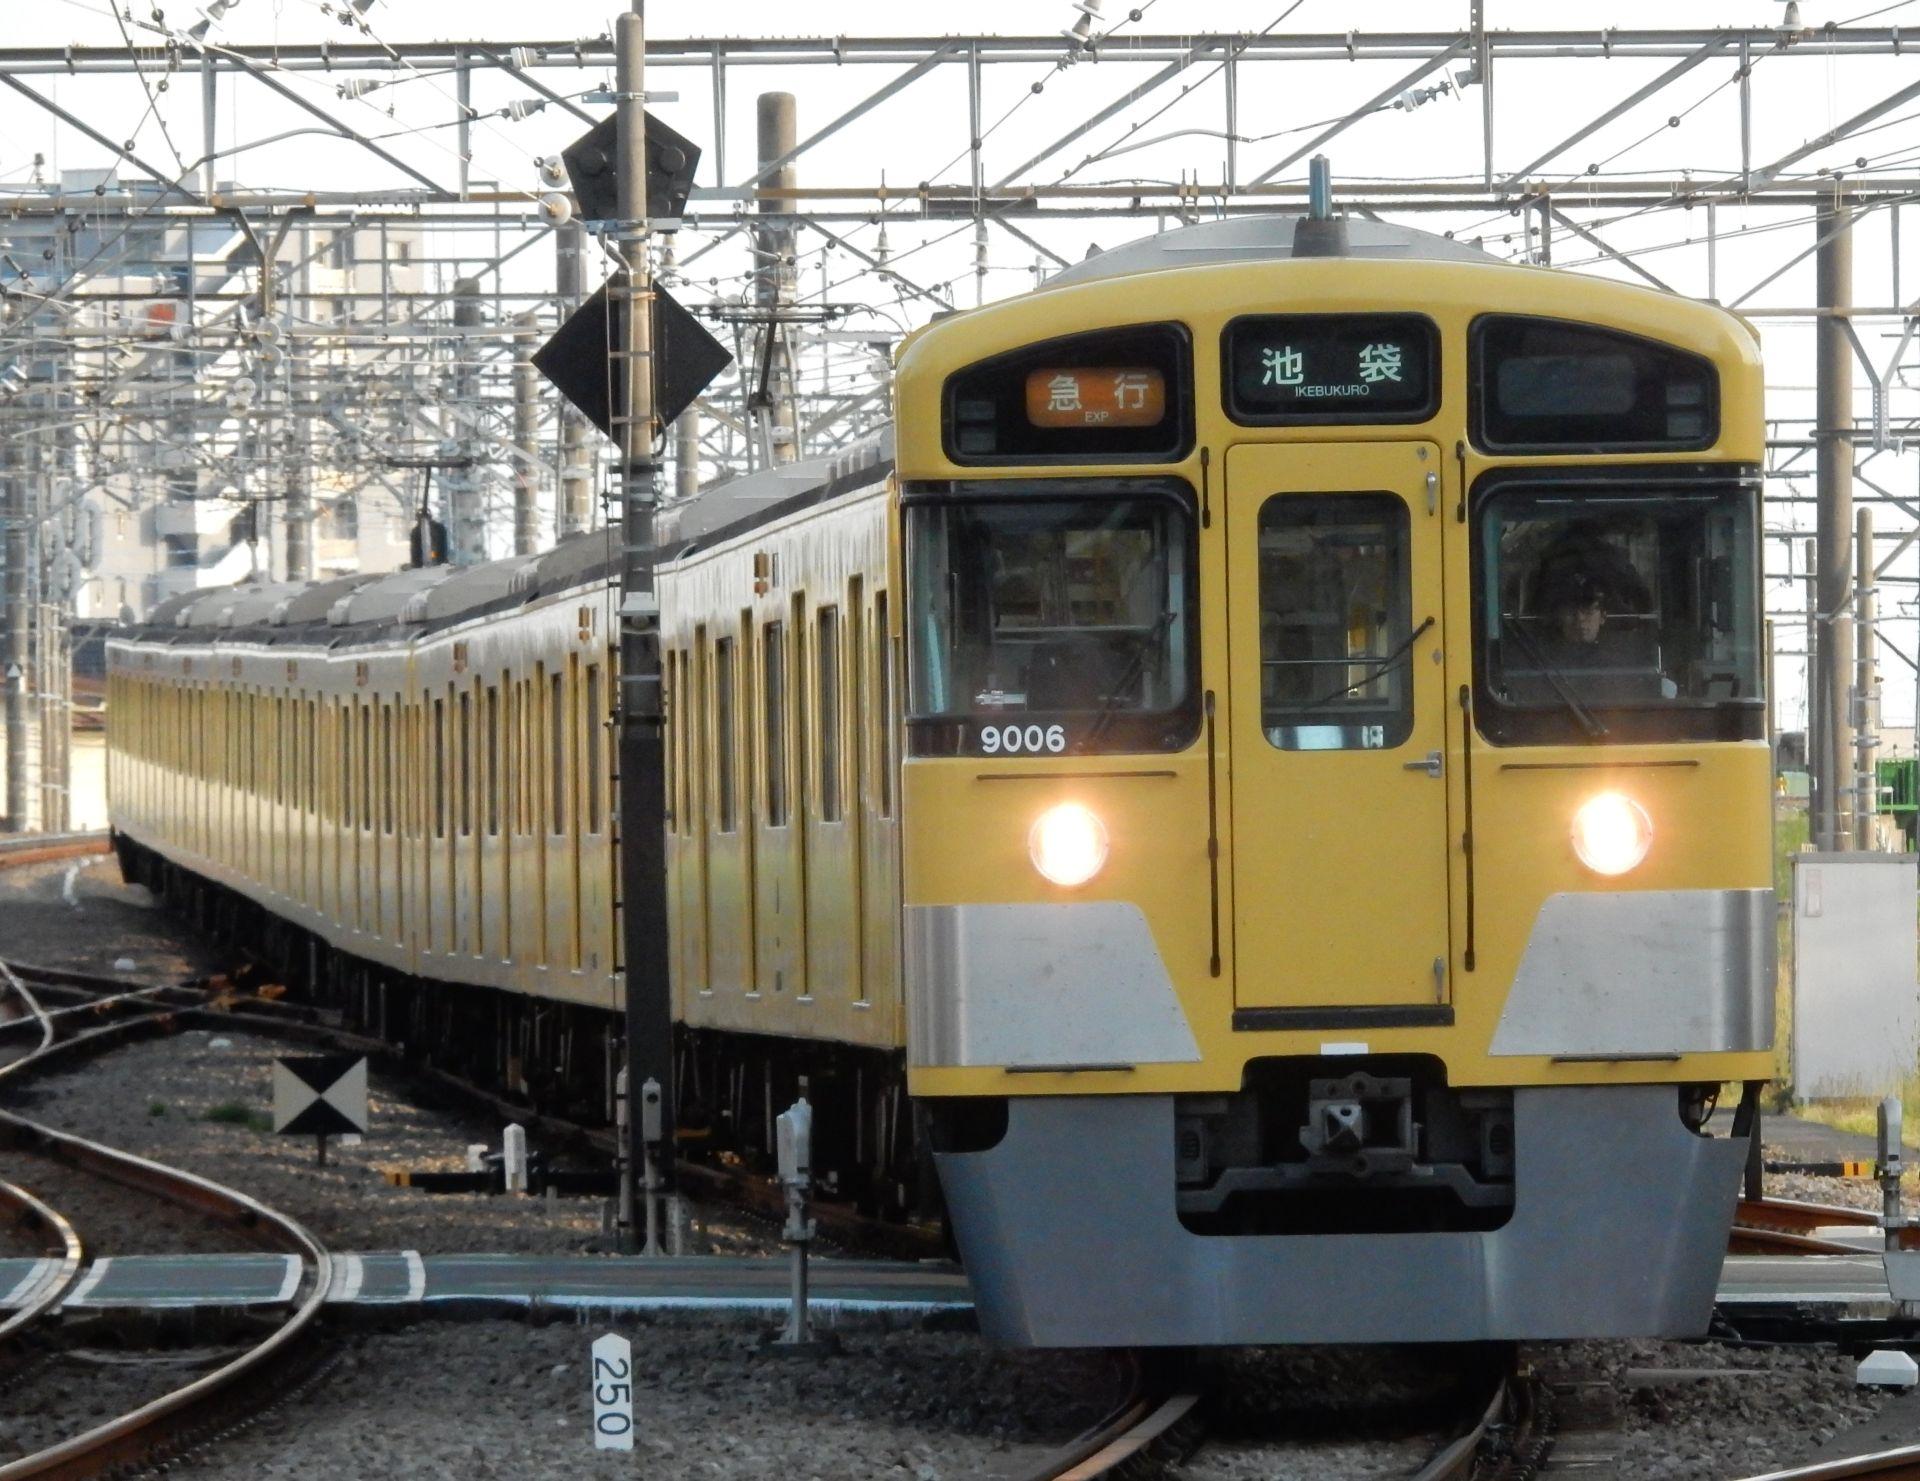 DSCN9339 - コピー